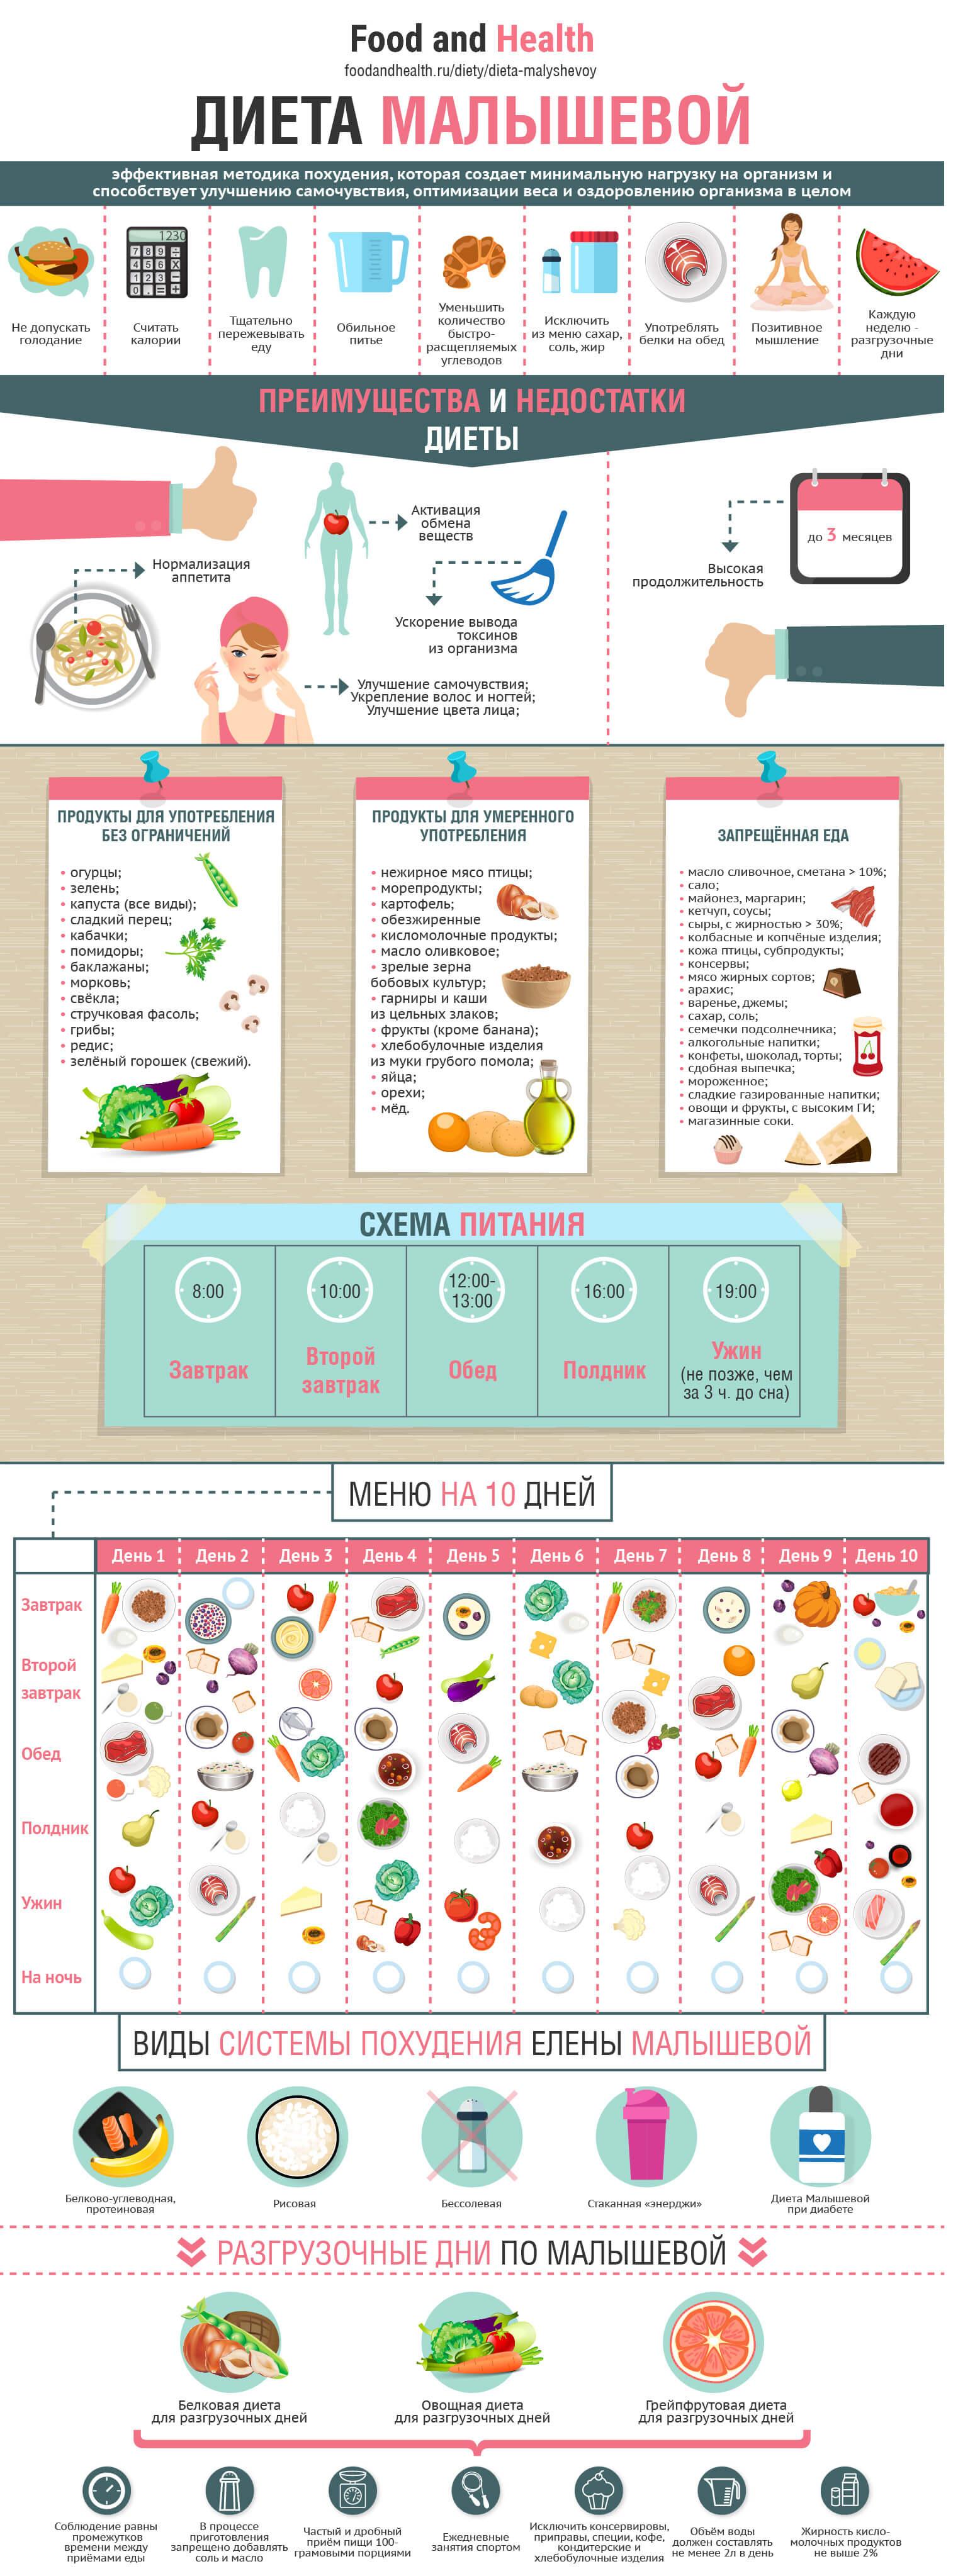 Диета По Елене Малышевой. Диета Малышевой - меню на неделю с рецептами на каждый день, продукты и результаты похудения